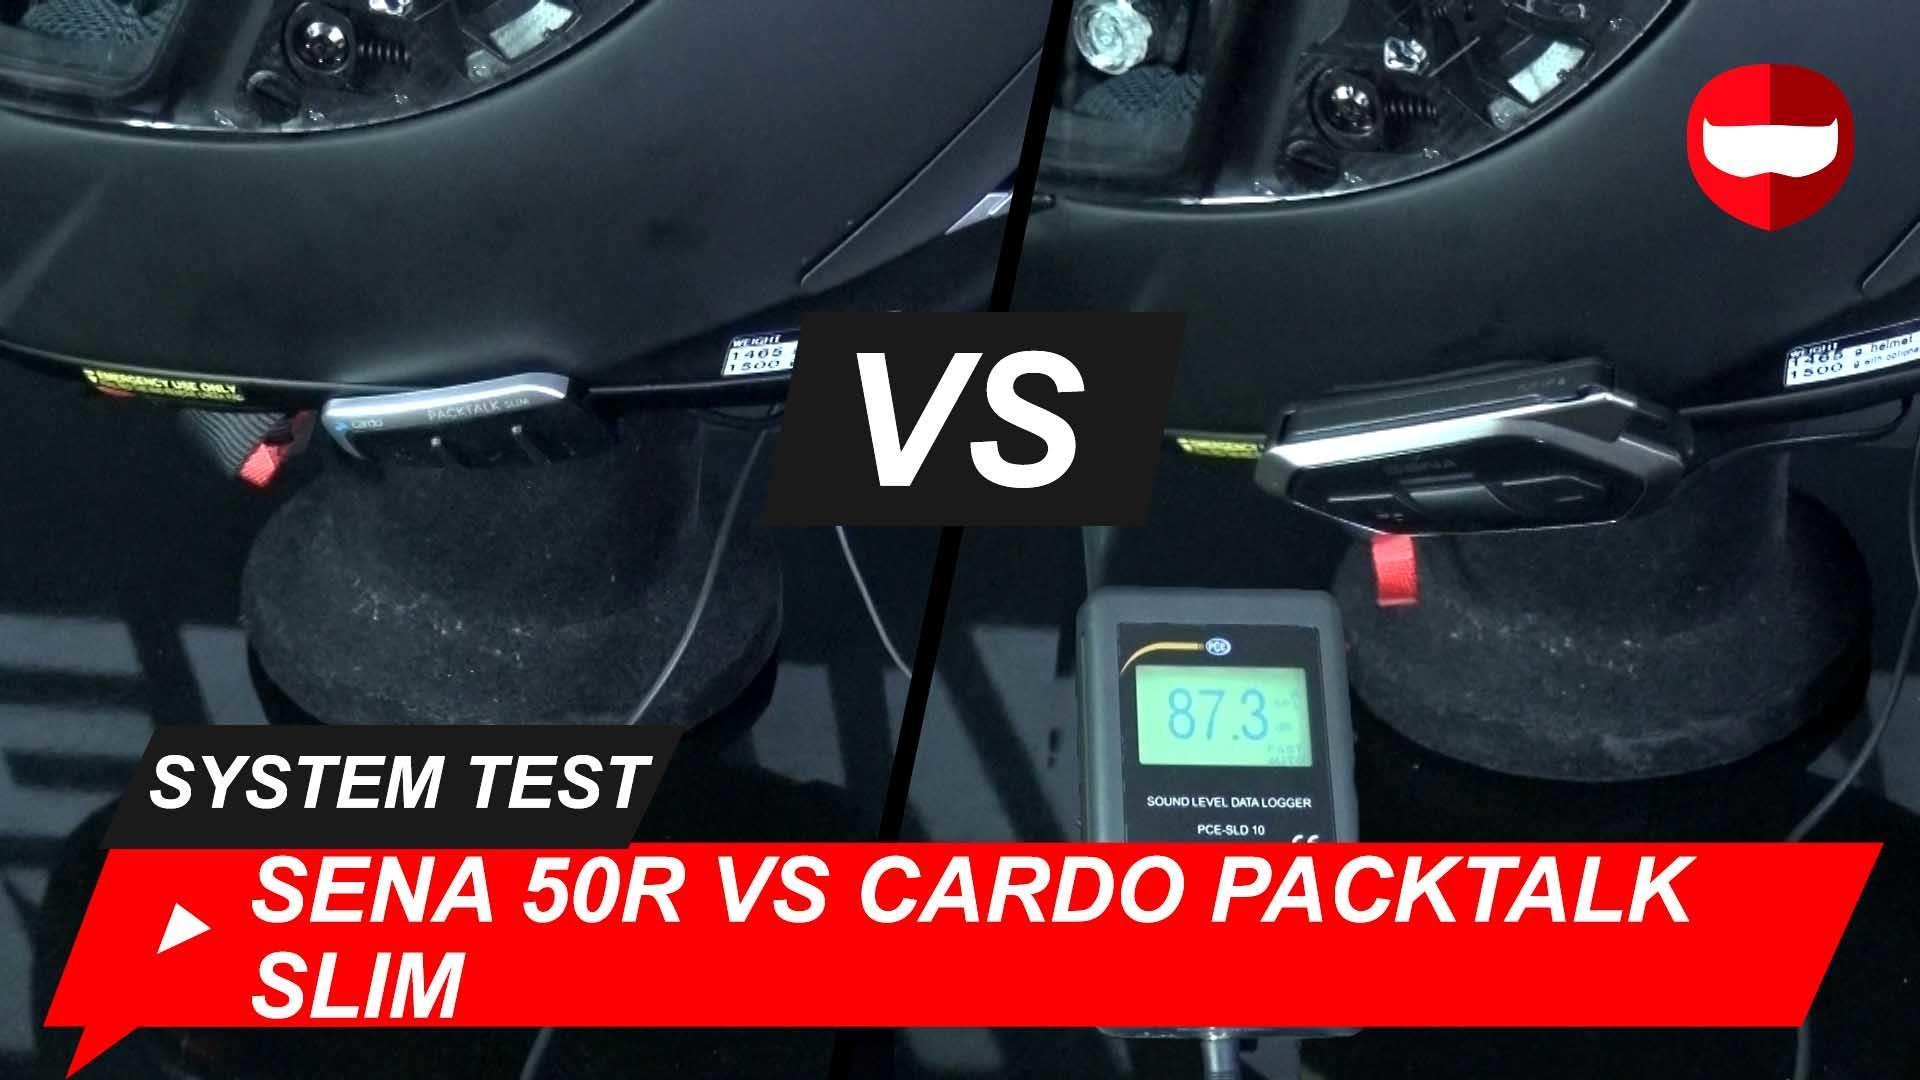 Cardo Packtalk Slim vs Sena 50R Tested + Video